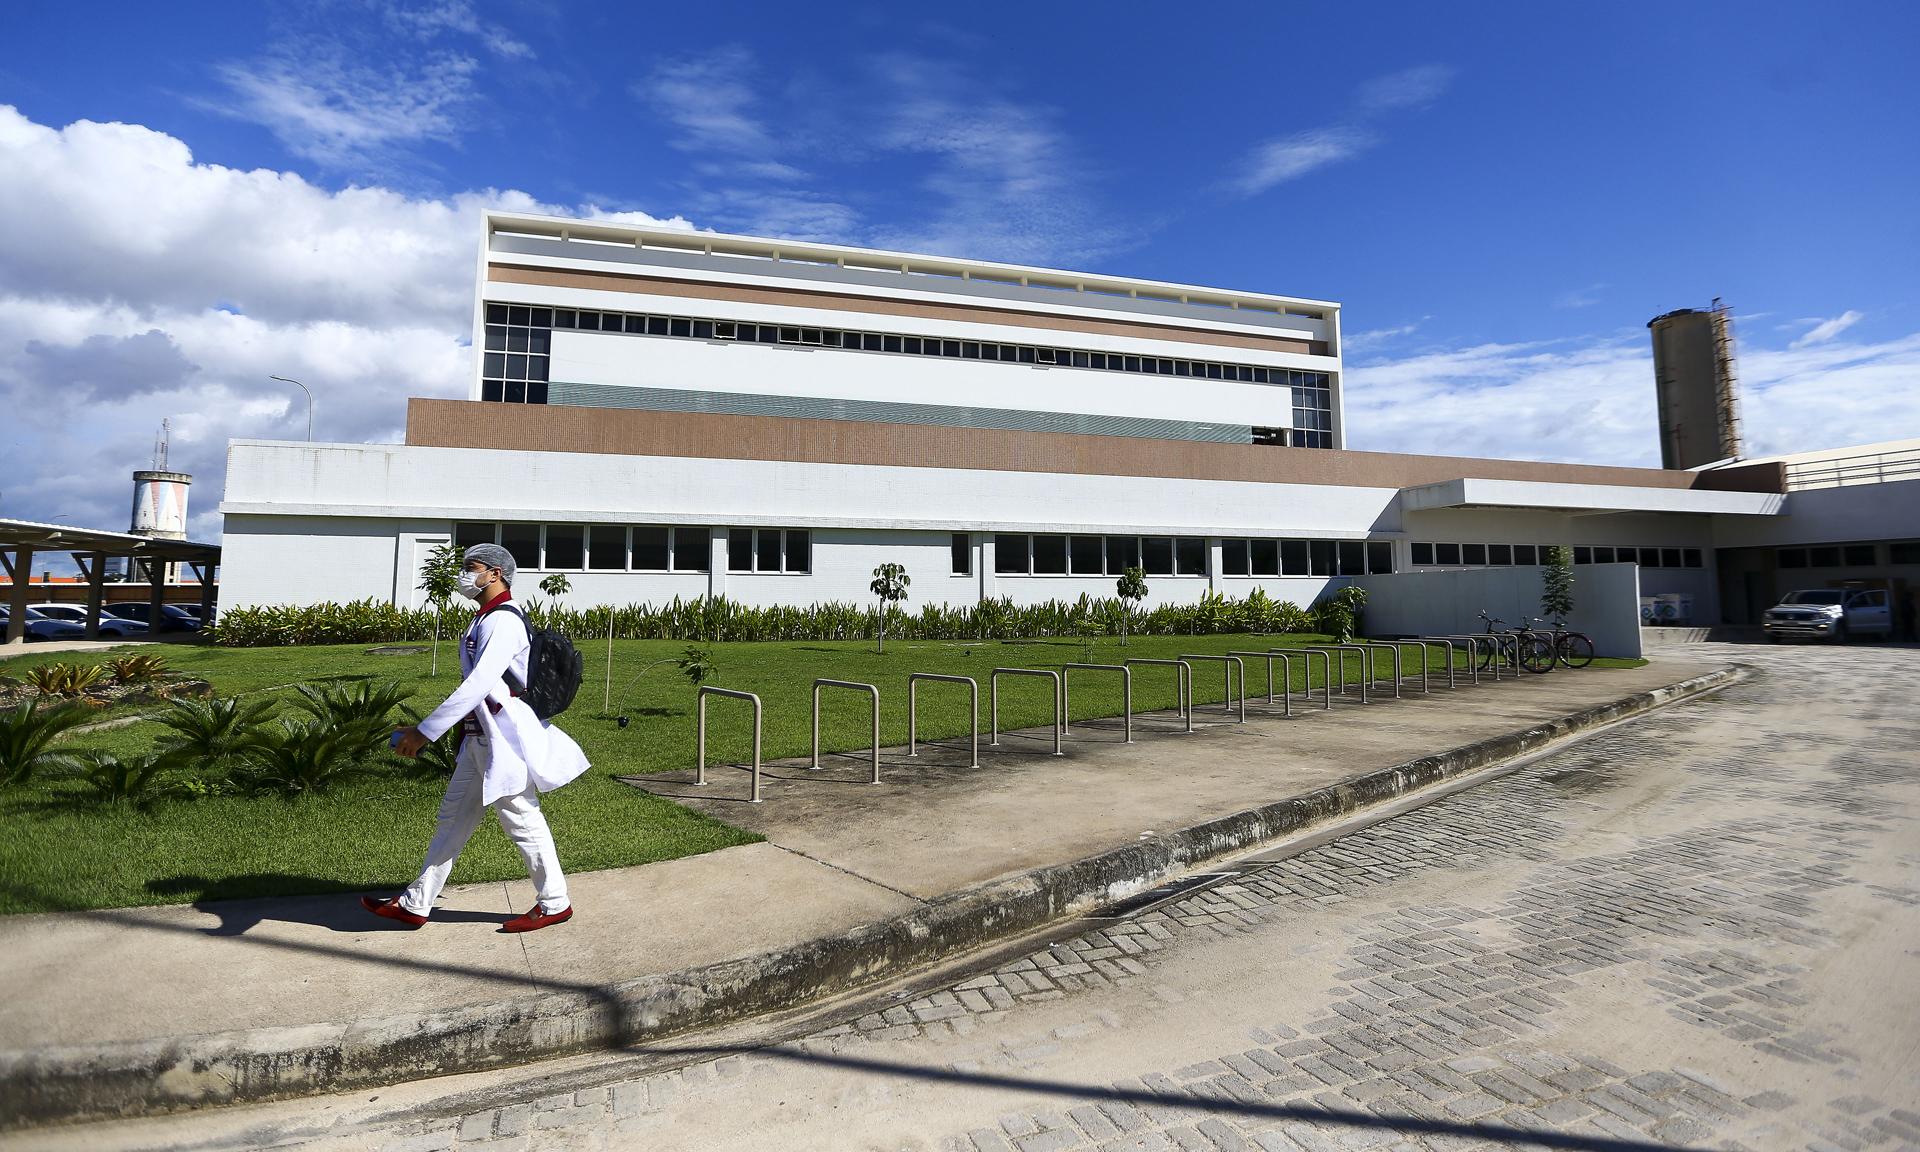 Serão contempladas as universidades de Catalão, Jataí, Rondonópolis, Delta do Parnaíba e Norte do Tocantins